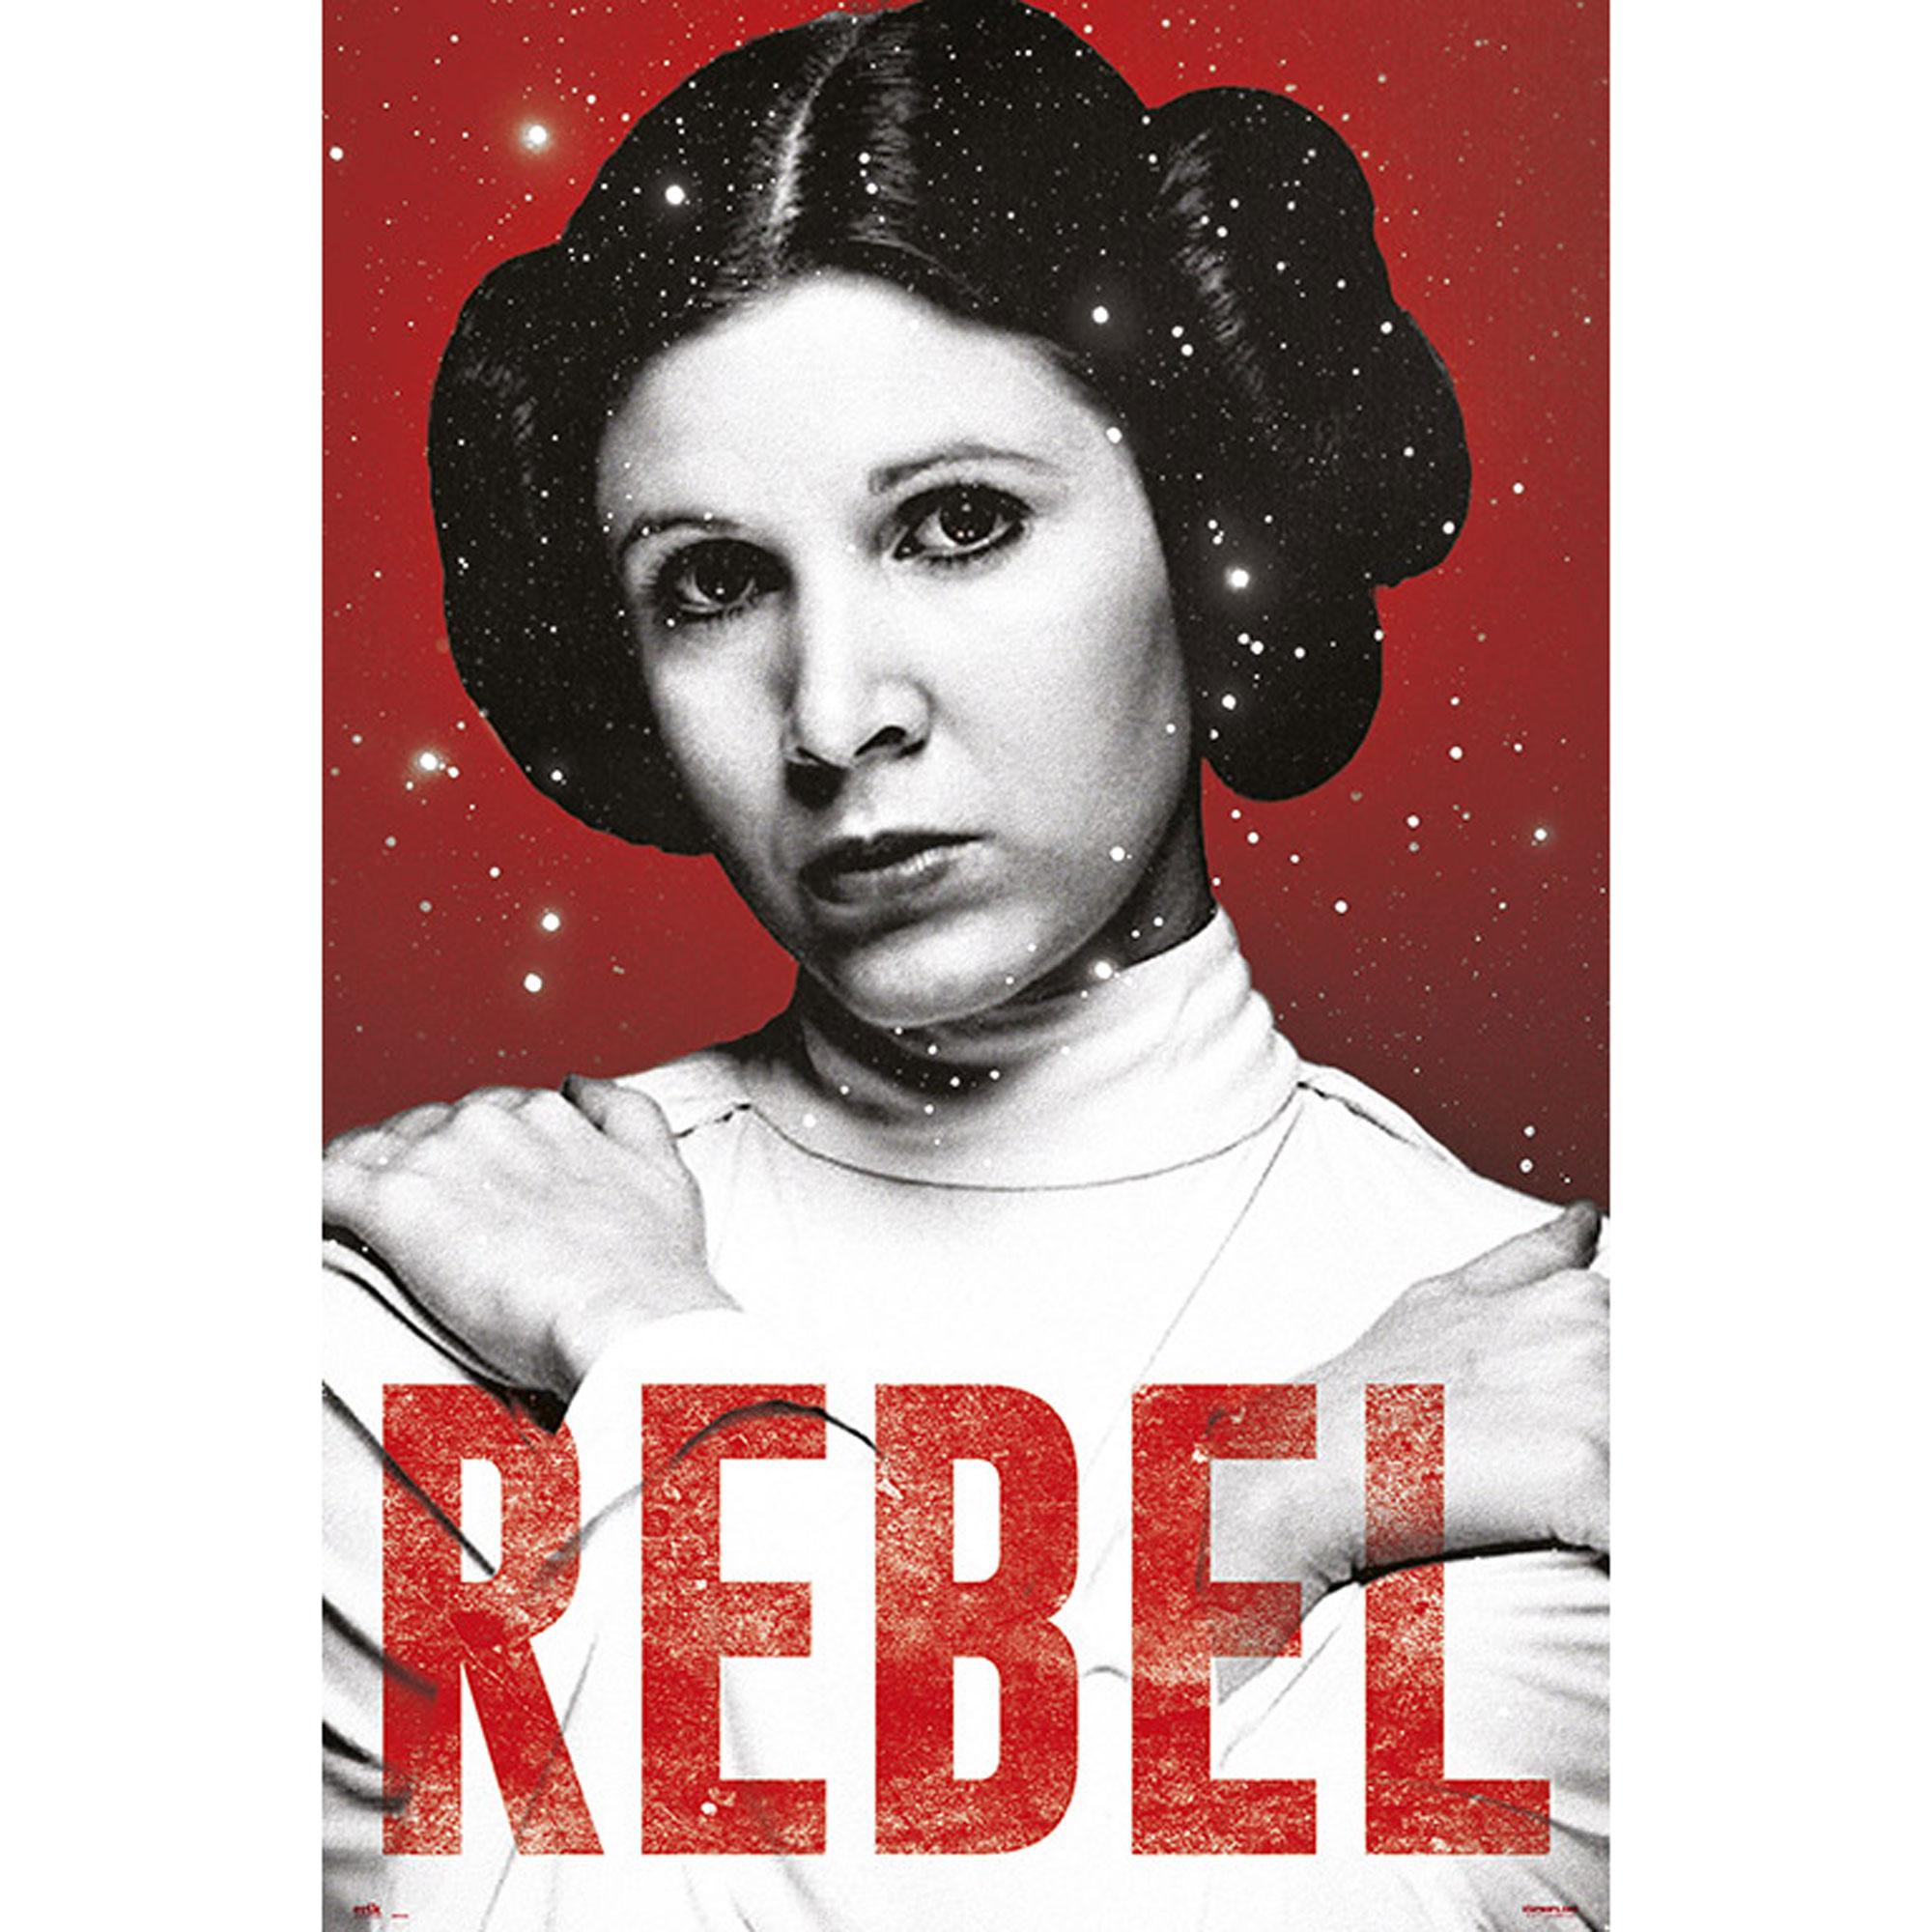 Star Wars - Leia - Rebel - Poster Plakat Druck - Größe 61x91,5 cm | eBay